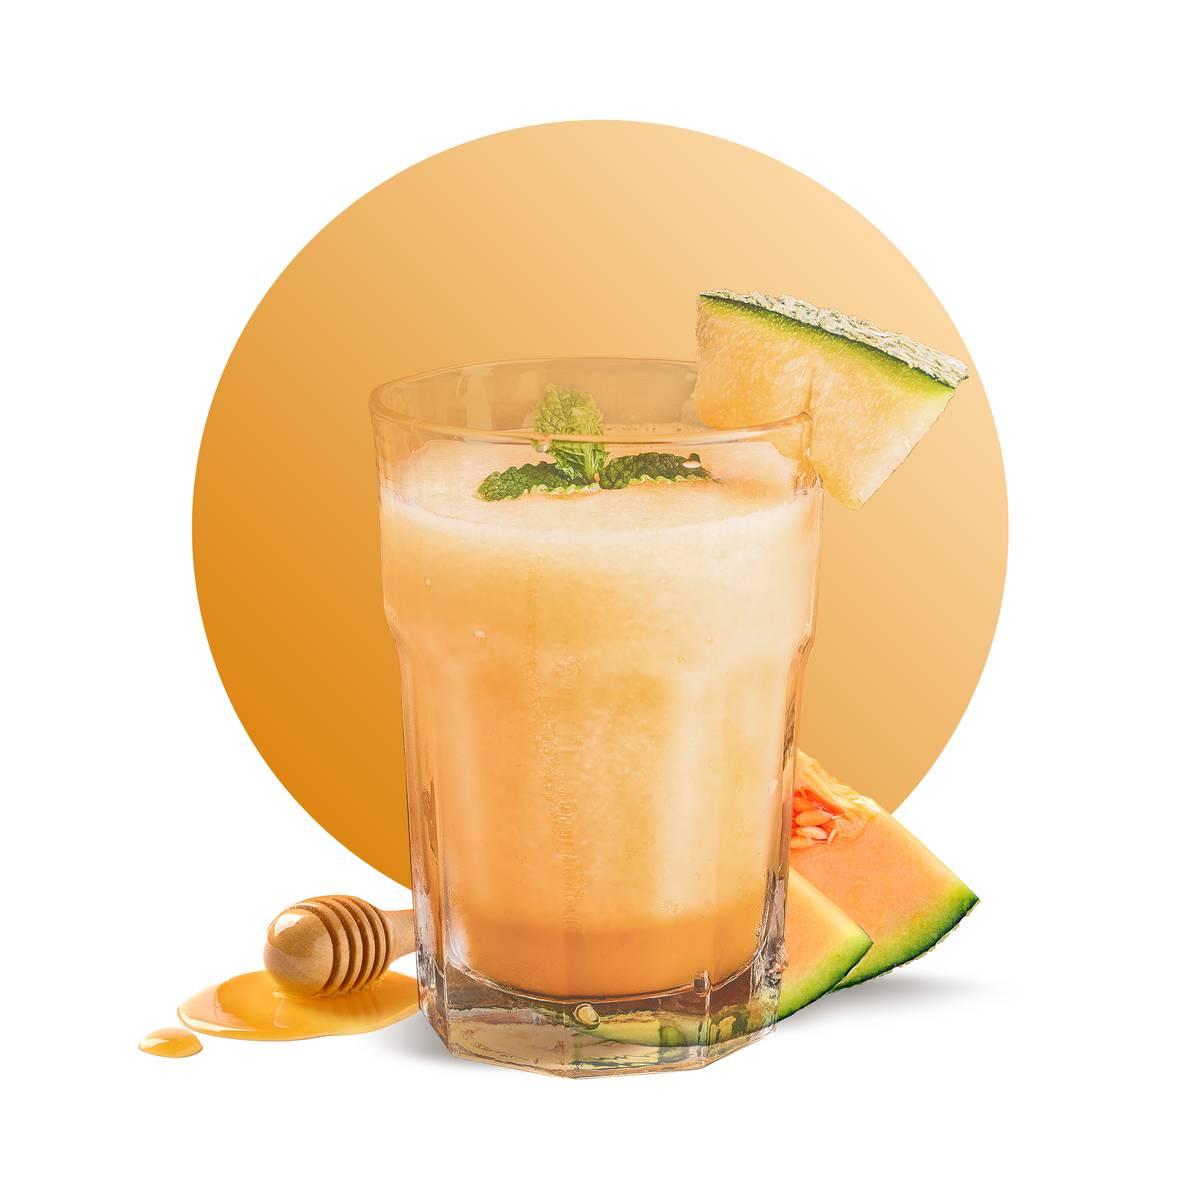 Honey Melon Drink Recipe